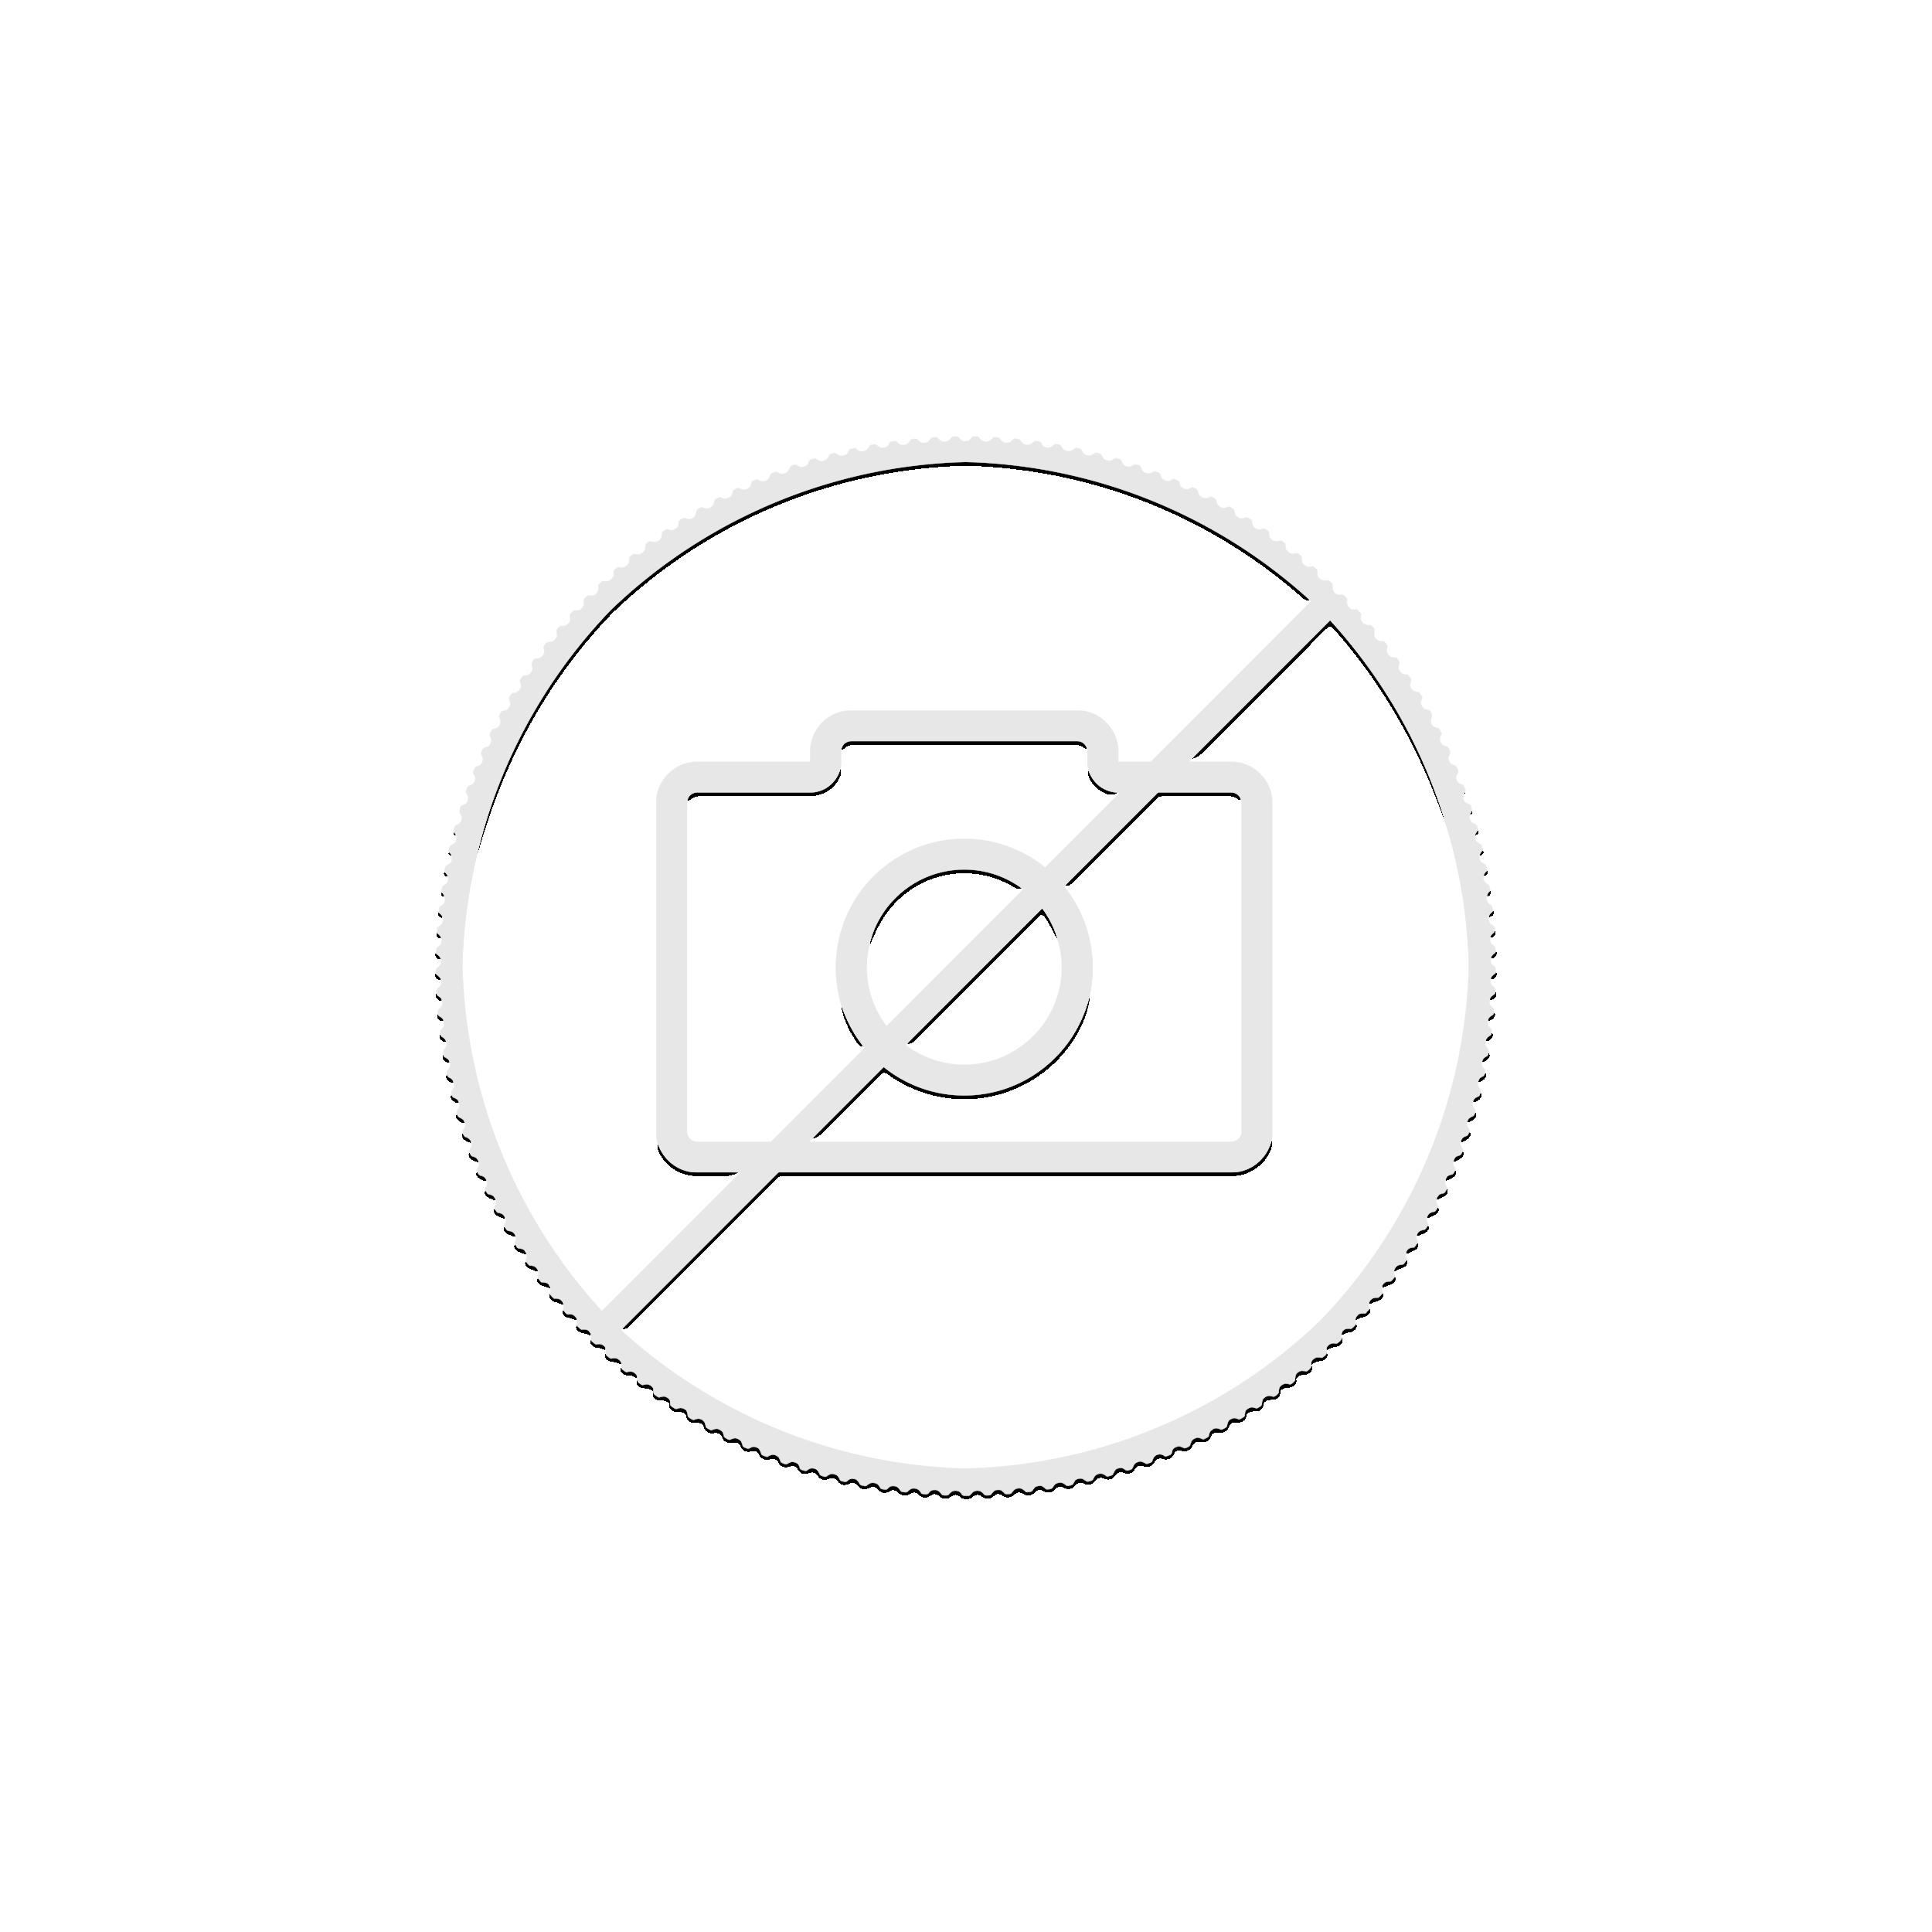 1 troy ounce silver coin Australian Brumby 2020